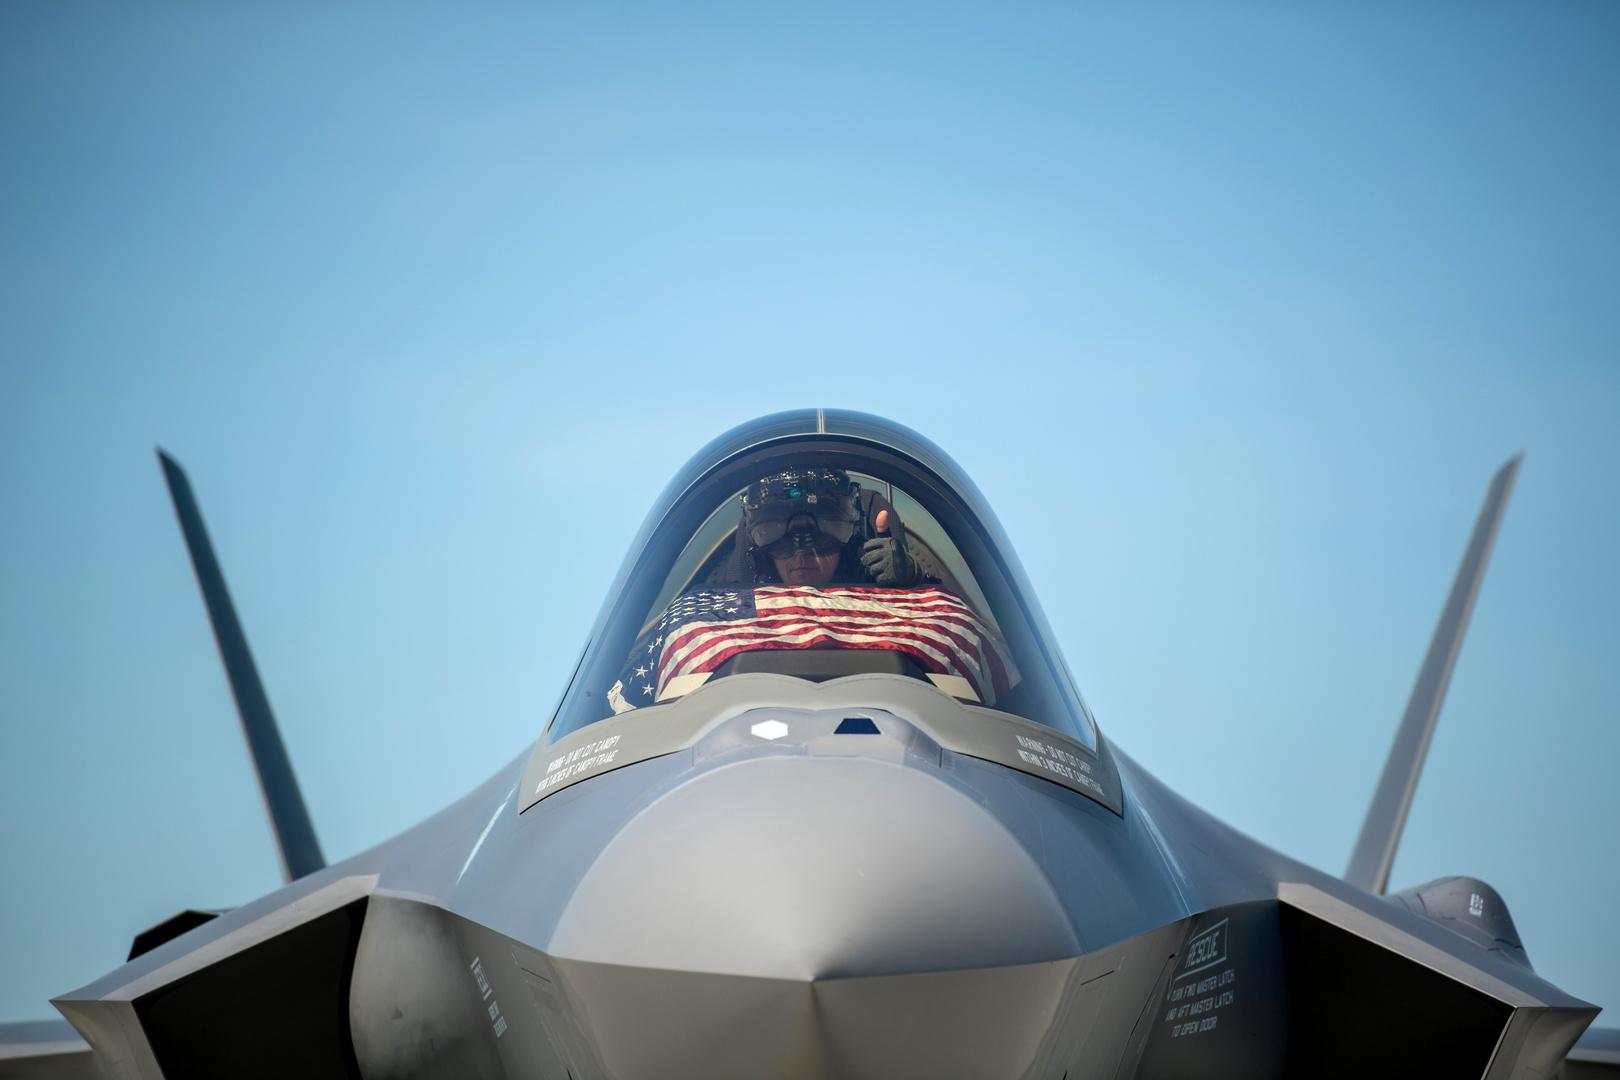 خبير إسرائيلي: الإمارات قد تشتري Su-57 الروسية عوضا عن F-35 الأمريكية